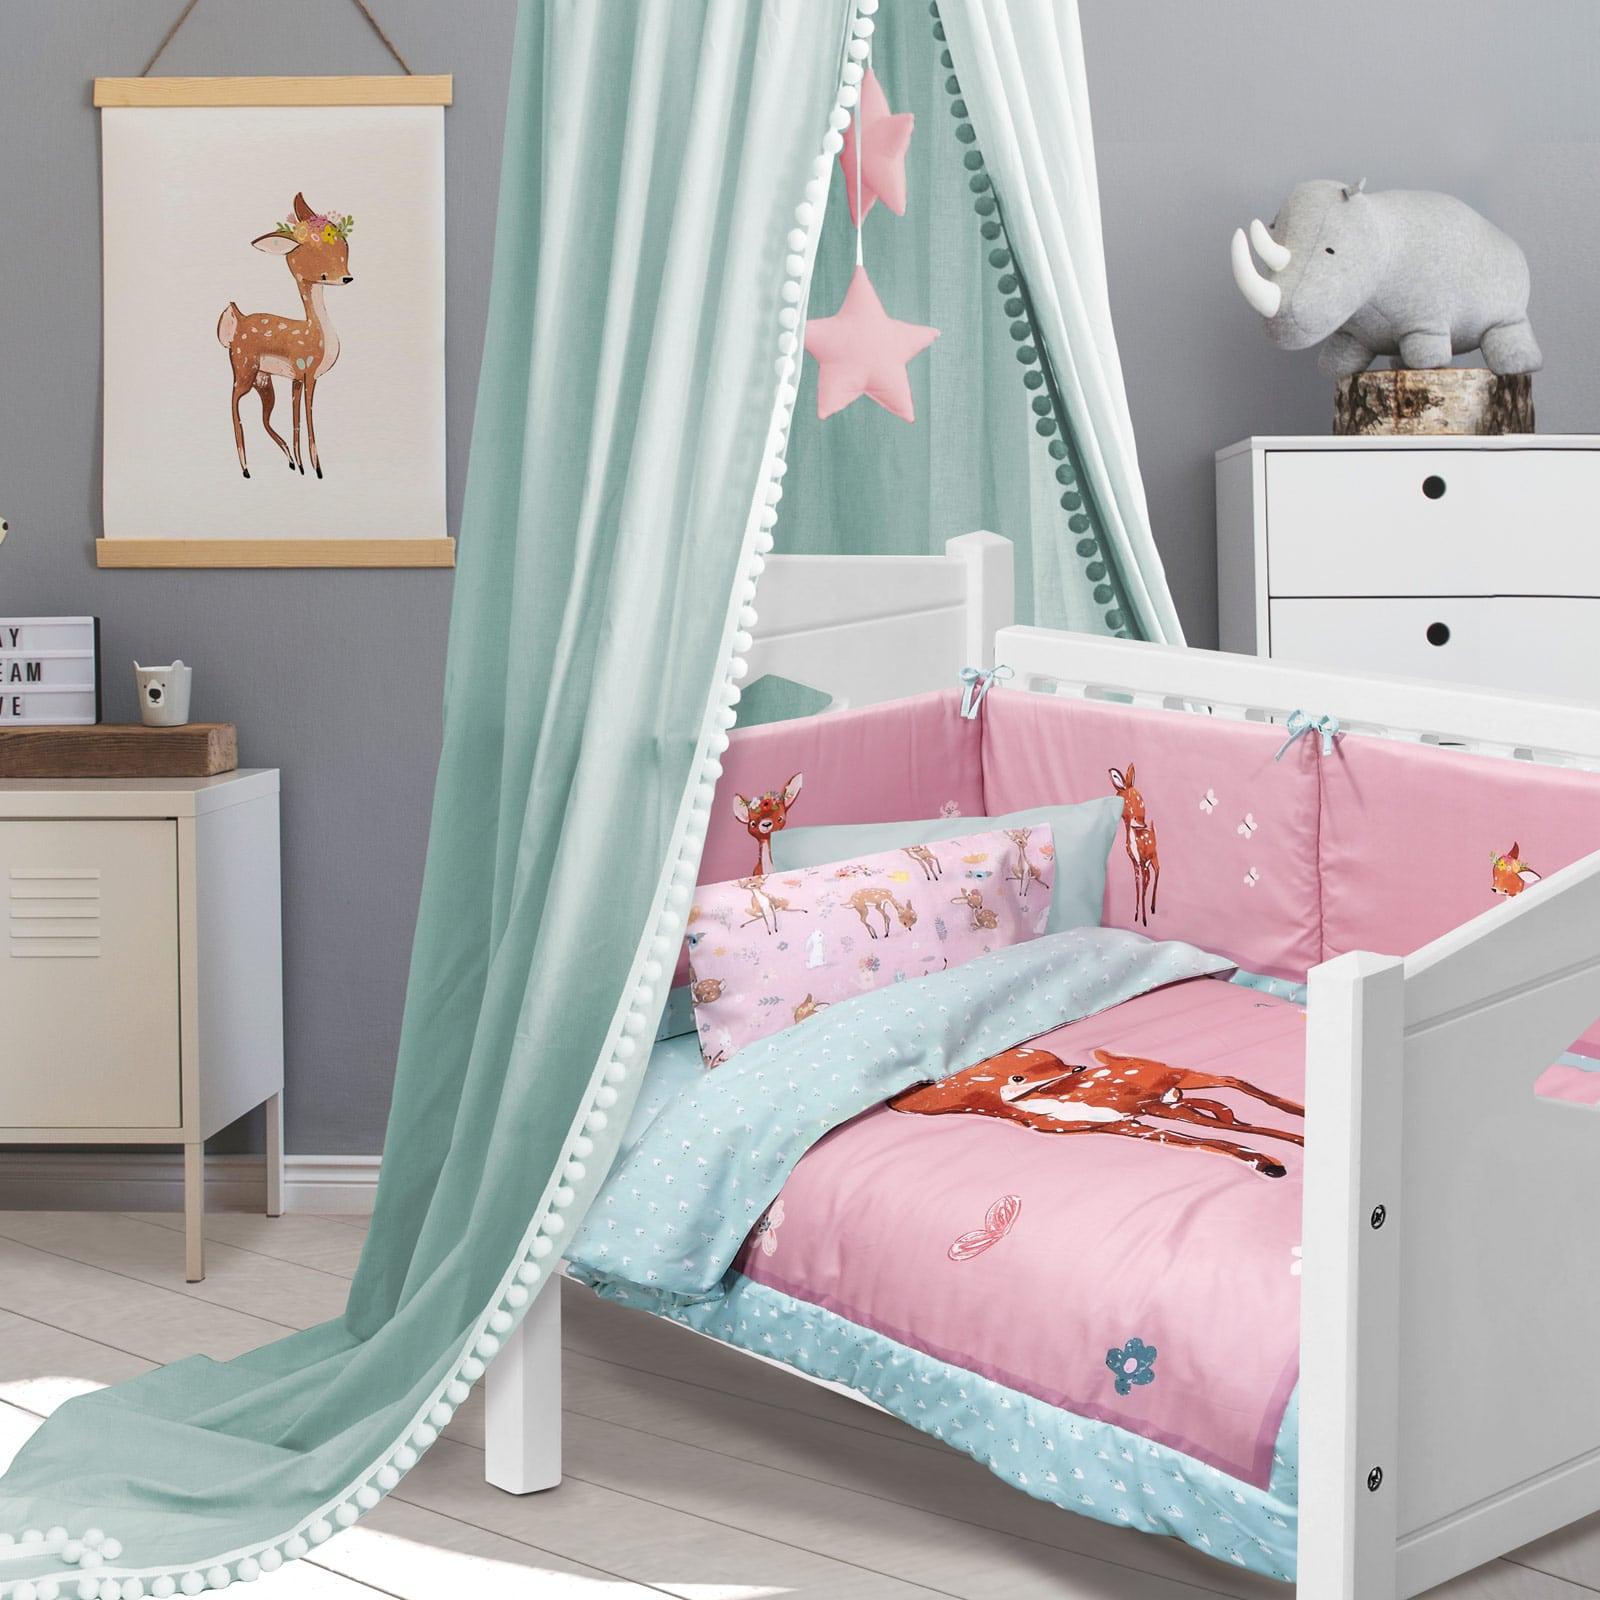 Πάντα Κούνιας 4756 Fun Baby Digital Pink-Mint Das Home 45x195cm